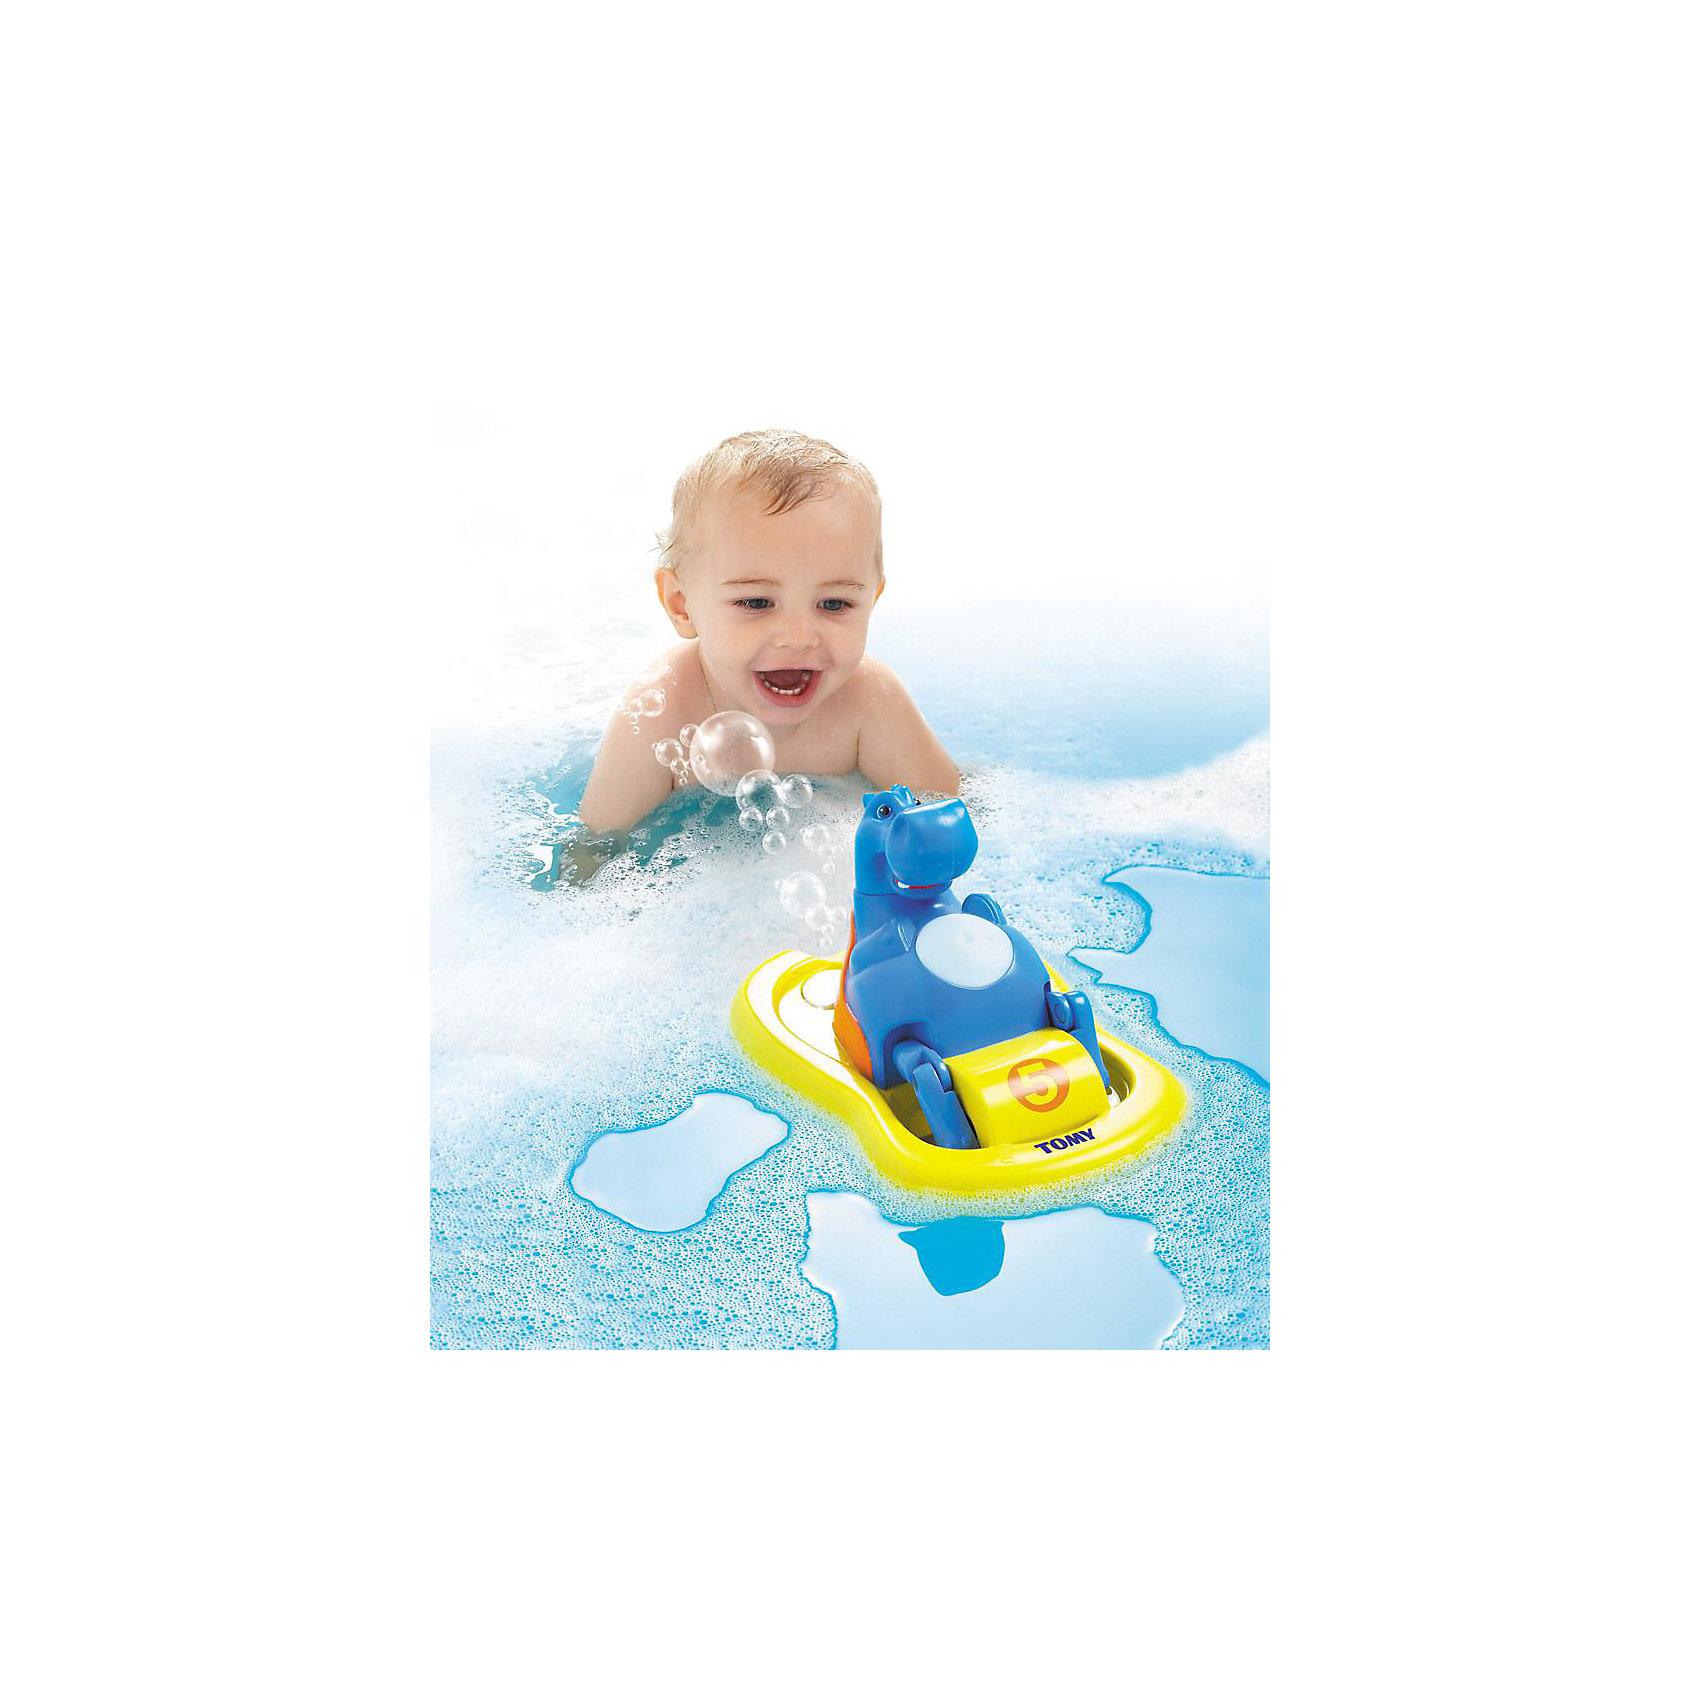 Игрушка для ванной «Бегемотик на катамаране», TOMYДинамические игрушки<br>Игрушка для ванной «Бегемотик на катамаране» из серии AQUA FUN известного бренда TOMY - это забавная игрушка для купания, которая подойдет и младенцам, и маленьким детям. <br><br>Малыш никогда не получал столько удовольствия от купания – великолепная игрушка в виде улыбающегося бегемотика на жёлтом катамаране развеселит каждого малыша во время водных процедур!<br><br>Инструкция совершенно проста. У игрушки есть специальное отверстие, куда нужно залить пену или мыльный раствор. Животик бегемота представлен в виде большой голубой кнопки. Нажав на неё, бегемотик начинает плавать в ванне на катамаране и даже напевать при этом задорнейшую песенку! Остановить его движение и музыкальное сопровождение можно также с помощью кнопки на животе бегемота. И это ещё не всё! Двигаясь по воде, из катамарана будут вылетать мыльные пузыри –  ну разве Ваш малыш останется равнодушным после этого?<br><br>Во время игры с бегемотиком, ваш ребёнок не только получает неописуемое удовольствие, но также непосредственно развивает важнейшие навыки. У малыша развивается моторика, логика и координация. <br><br>Никогда ещё купание Вашего малыша не было таким весёлым и полезным!<br><br>Дополнительная информация:<br>Материал: пластмасса<br>Размер (д/ш/в): 25 х 18,3 х 15,4 см<br>Вес: 0,52 кг<br>Батарейки: 3 щелочные батарейки Миньон типа LR06/AA (входят в комплект)<br><br>Рекомендуем сразу купить запасные батарейки - чтобы продлить удовольствие!<br><br>Ширина мм: 222<br>Глубина мм: 213<br>Высота мм: 134<br>Вес г: 527<br>Возраст от месяцев: 12<br>Возраст до месяцев: 48<br>Пол: Унисекс<br>Возраст: Детский<br>SKU: 1602936